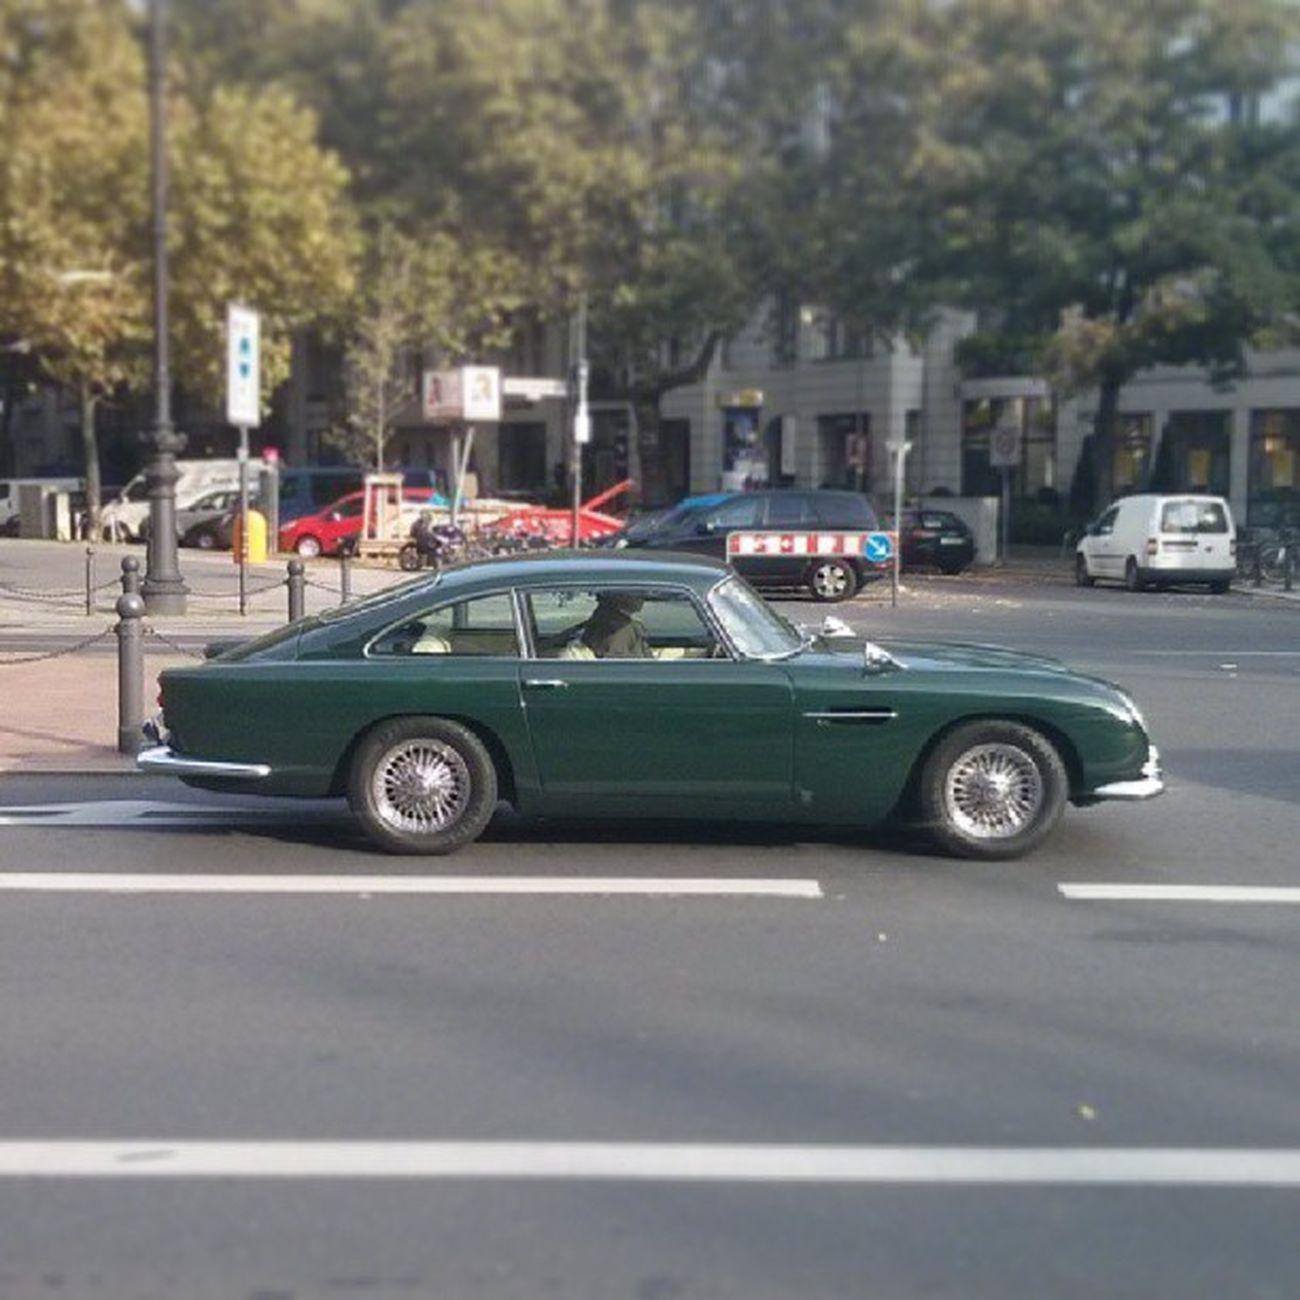 Grün Altekarrenbattle Oldtimer Carporn Nofilter